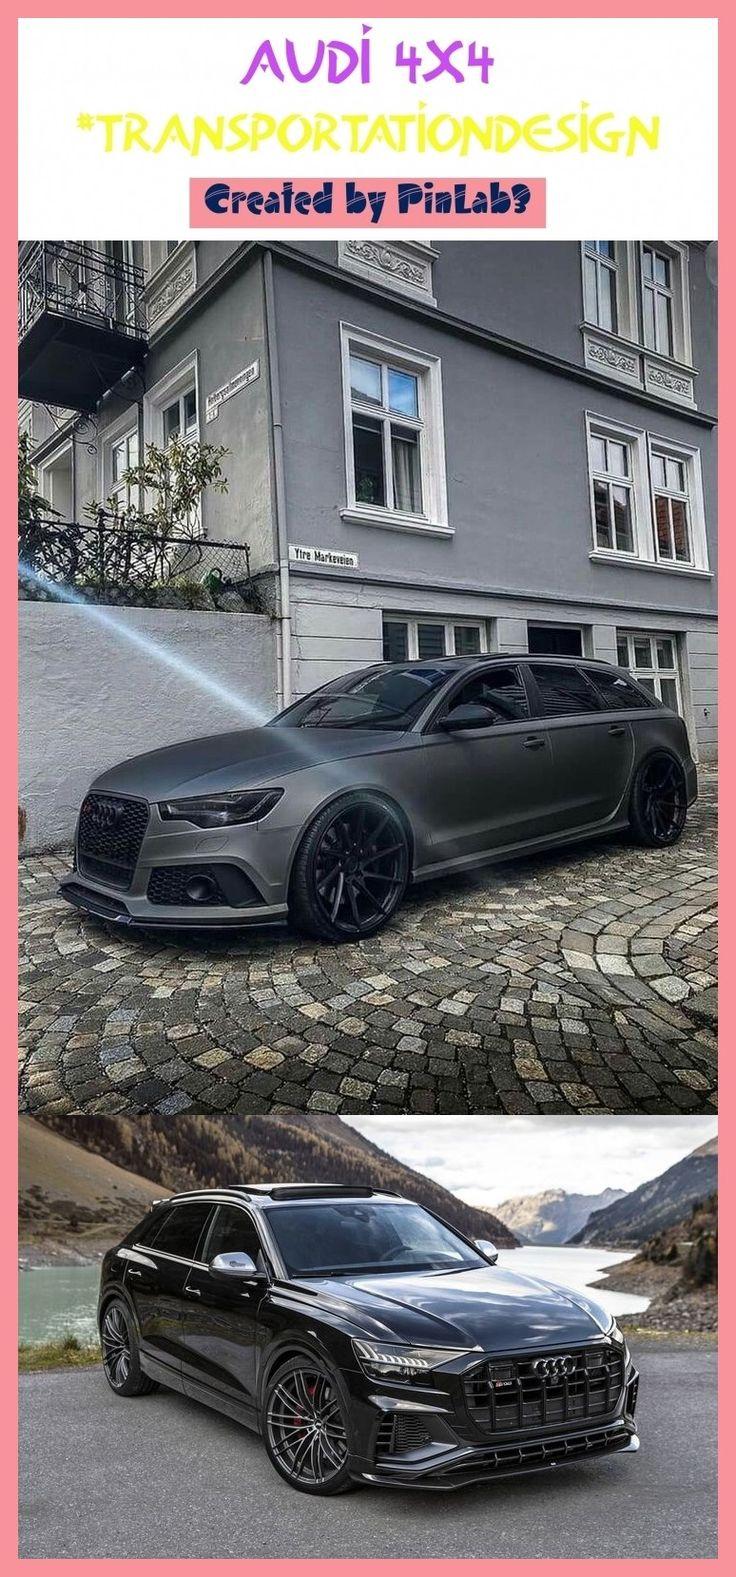 audi 4x4 in 2020 Audi, 4x4, Bmw car